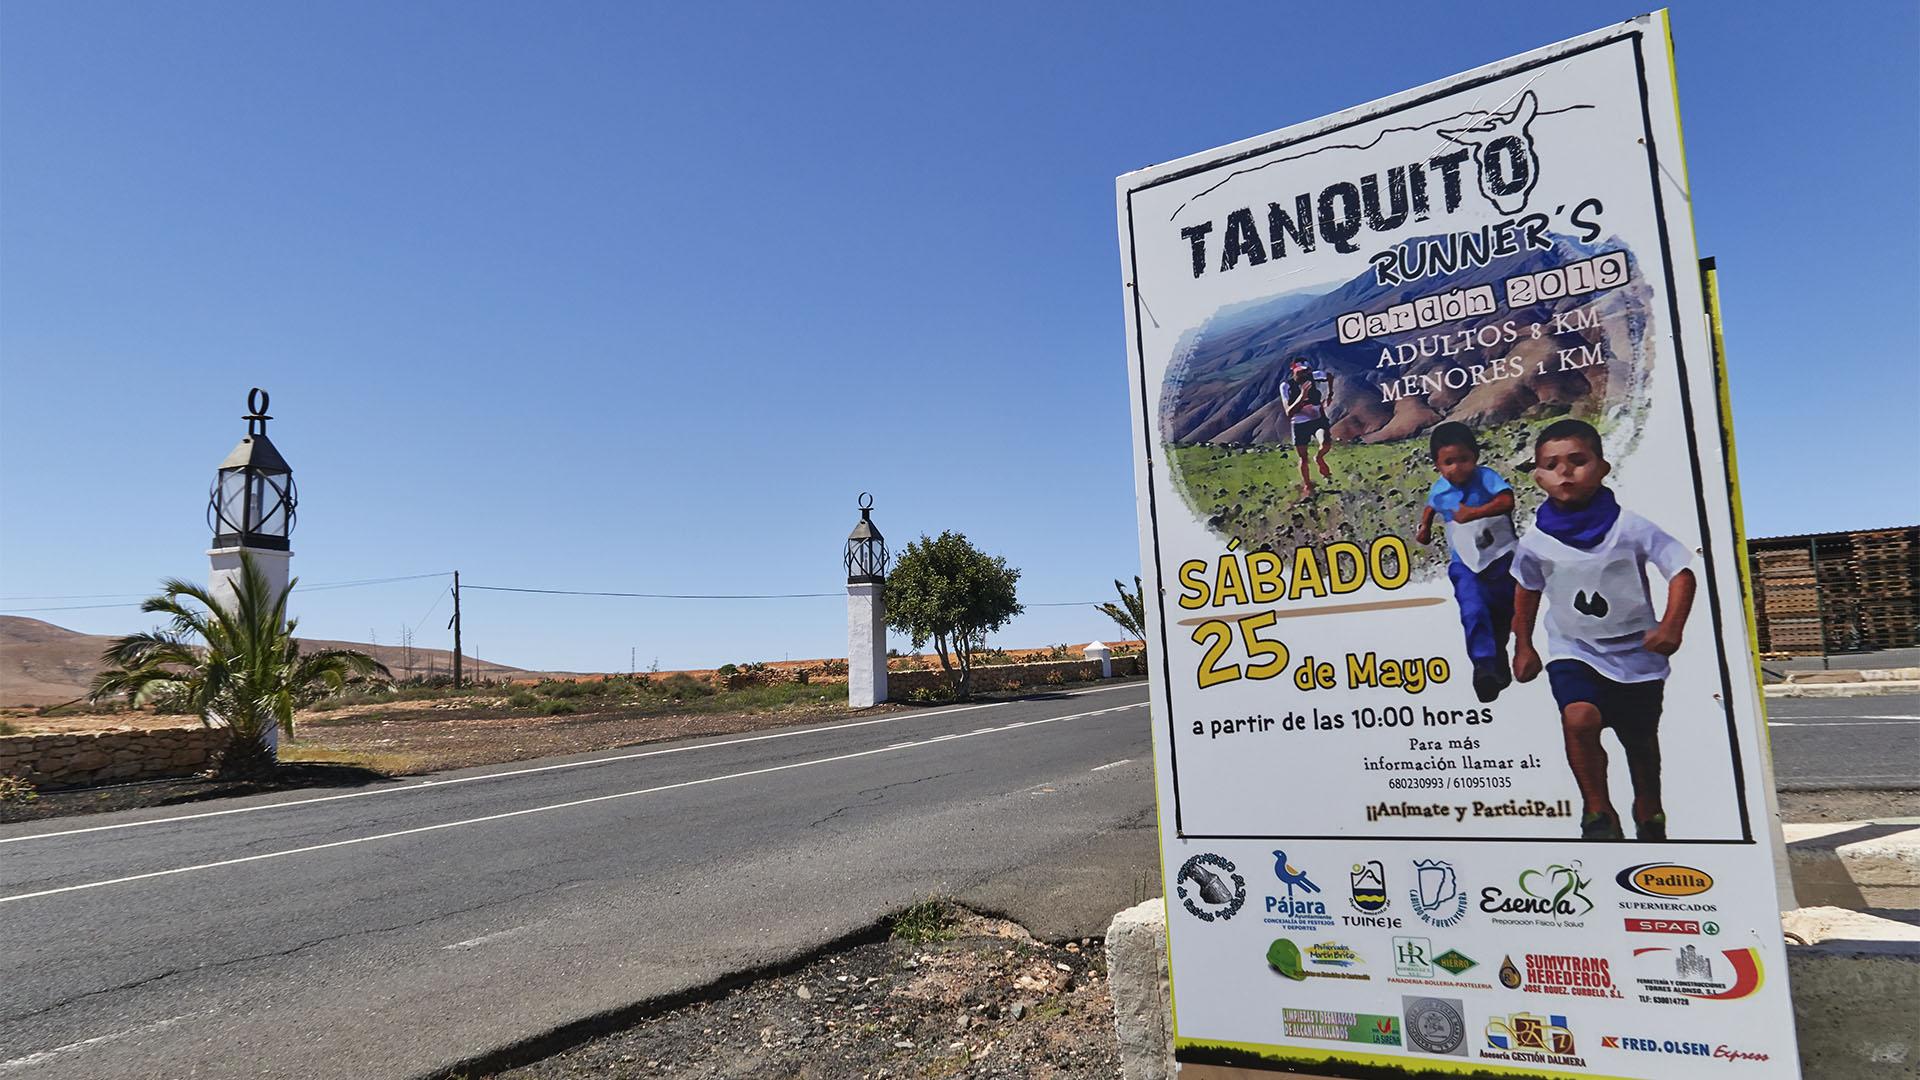 Volkslauf in El Cardón am Tag der Wallfahrt Romería El Tanquito, Fuerteventura.